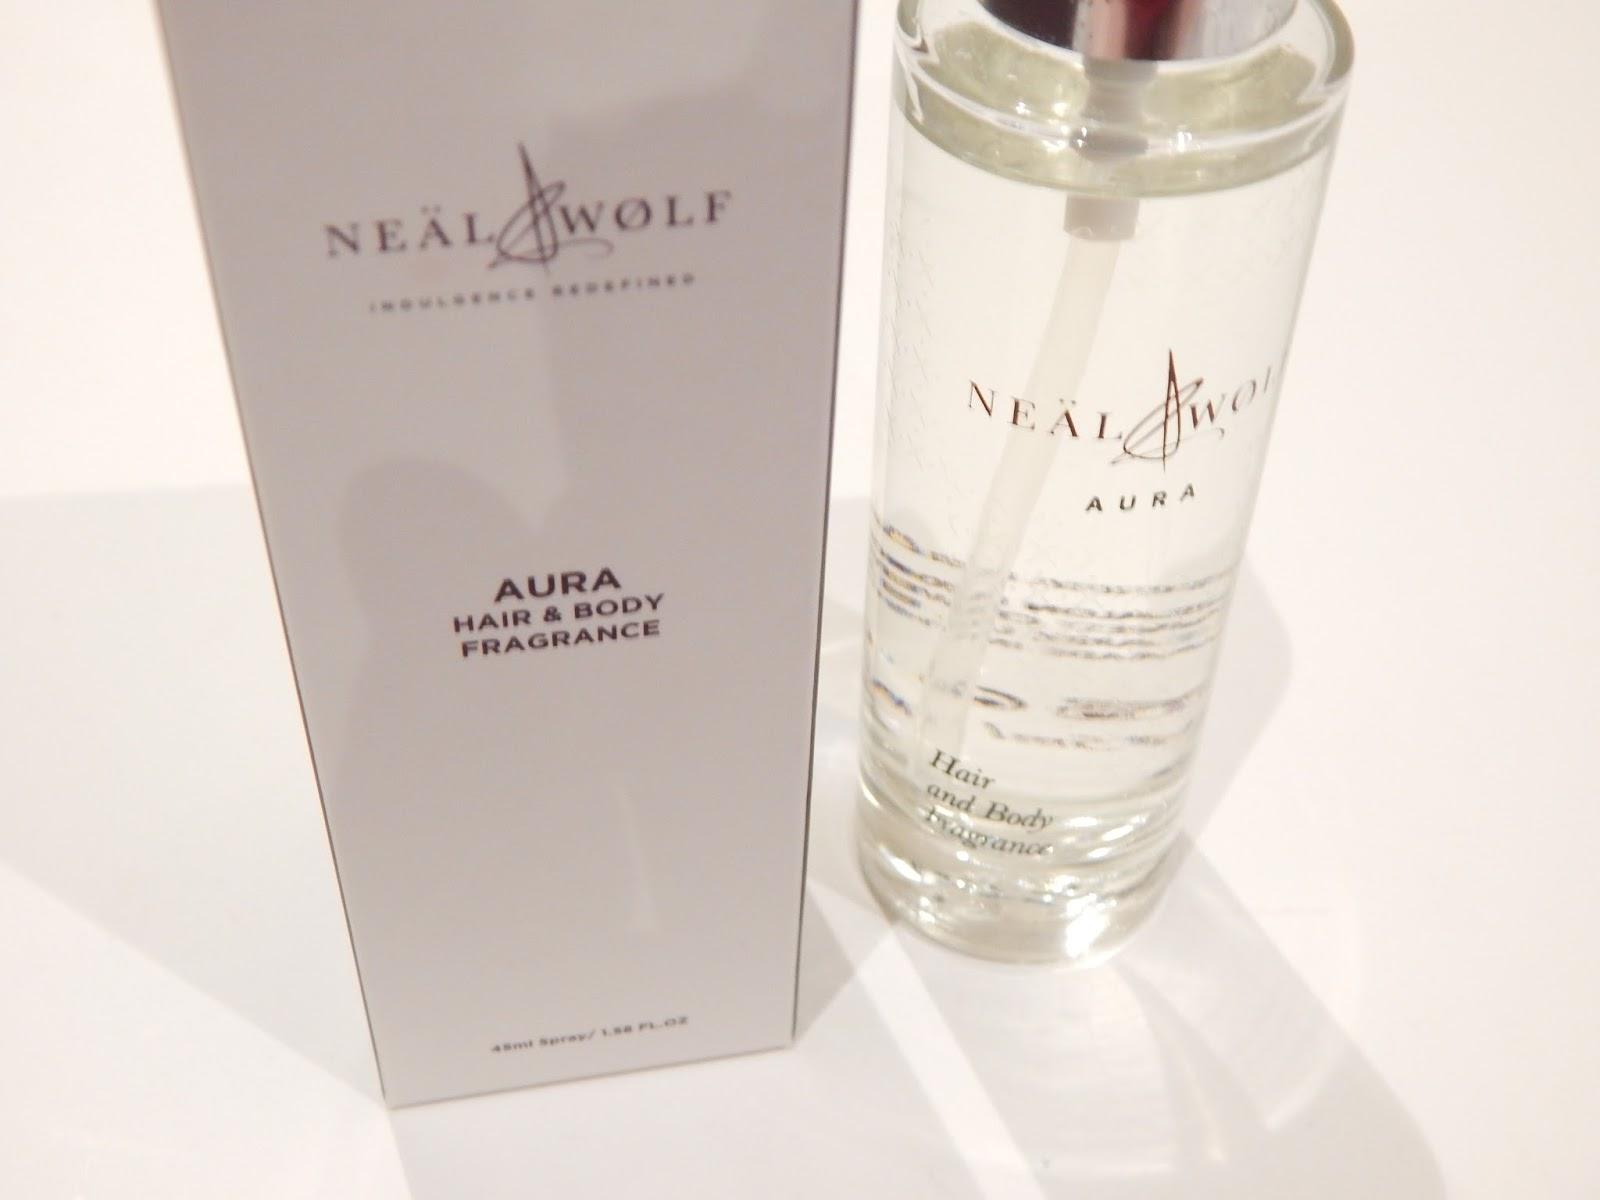 Neal & Wolf AURA hair & body fragrance,